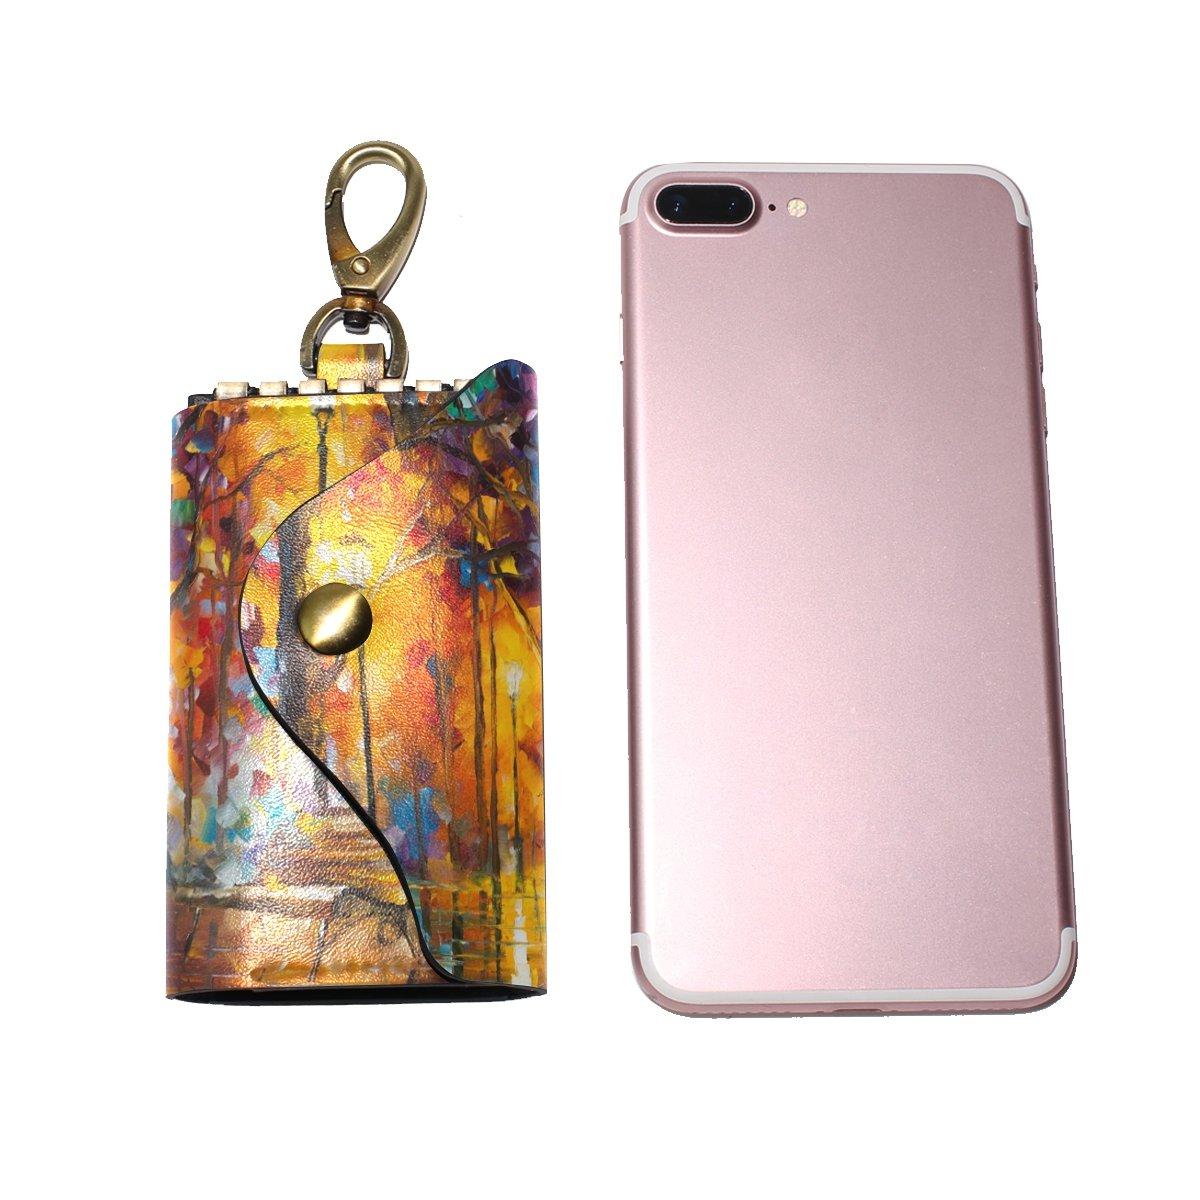 DEYYA Light Night Art Painting Leather Key Case Wallets Unisex Keychain Key Holder with 6 Hooks Snap Closure